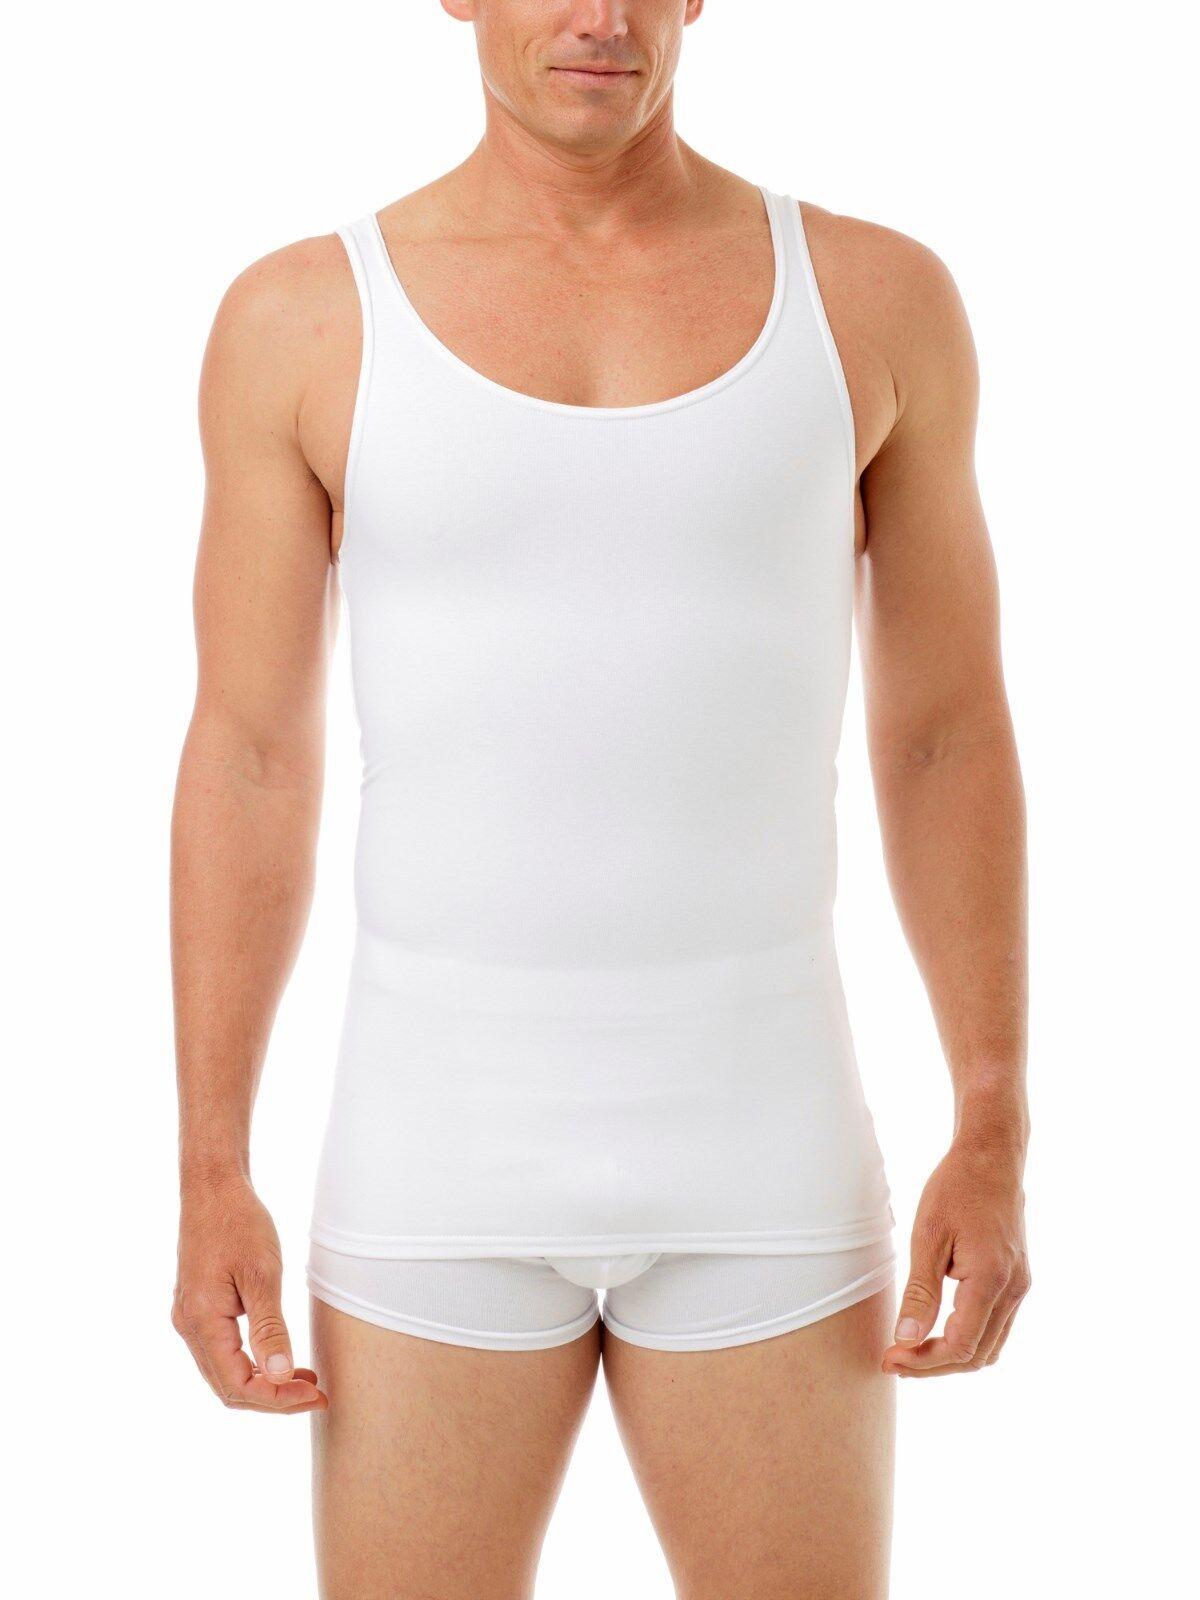 Compression Vest Shirt Cotton Concealer Most Powerful